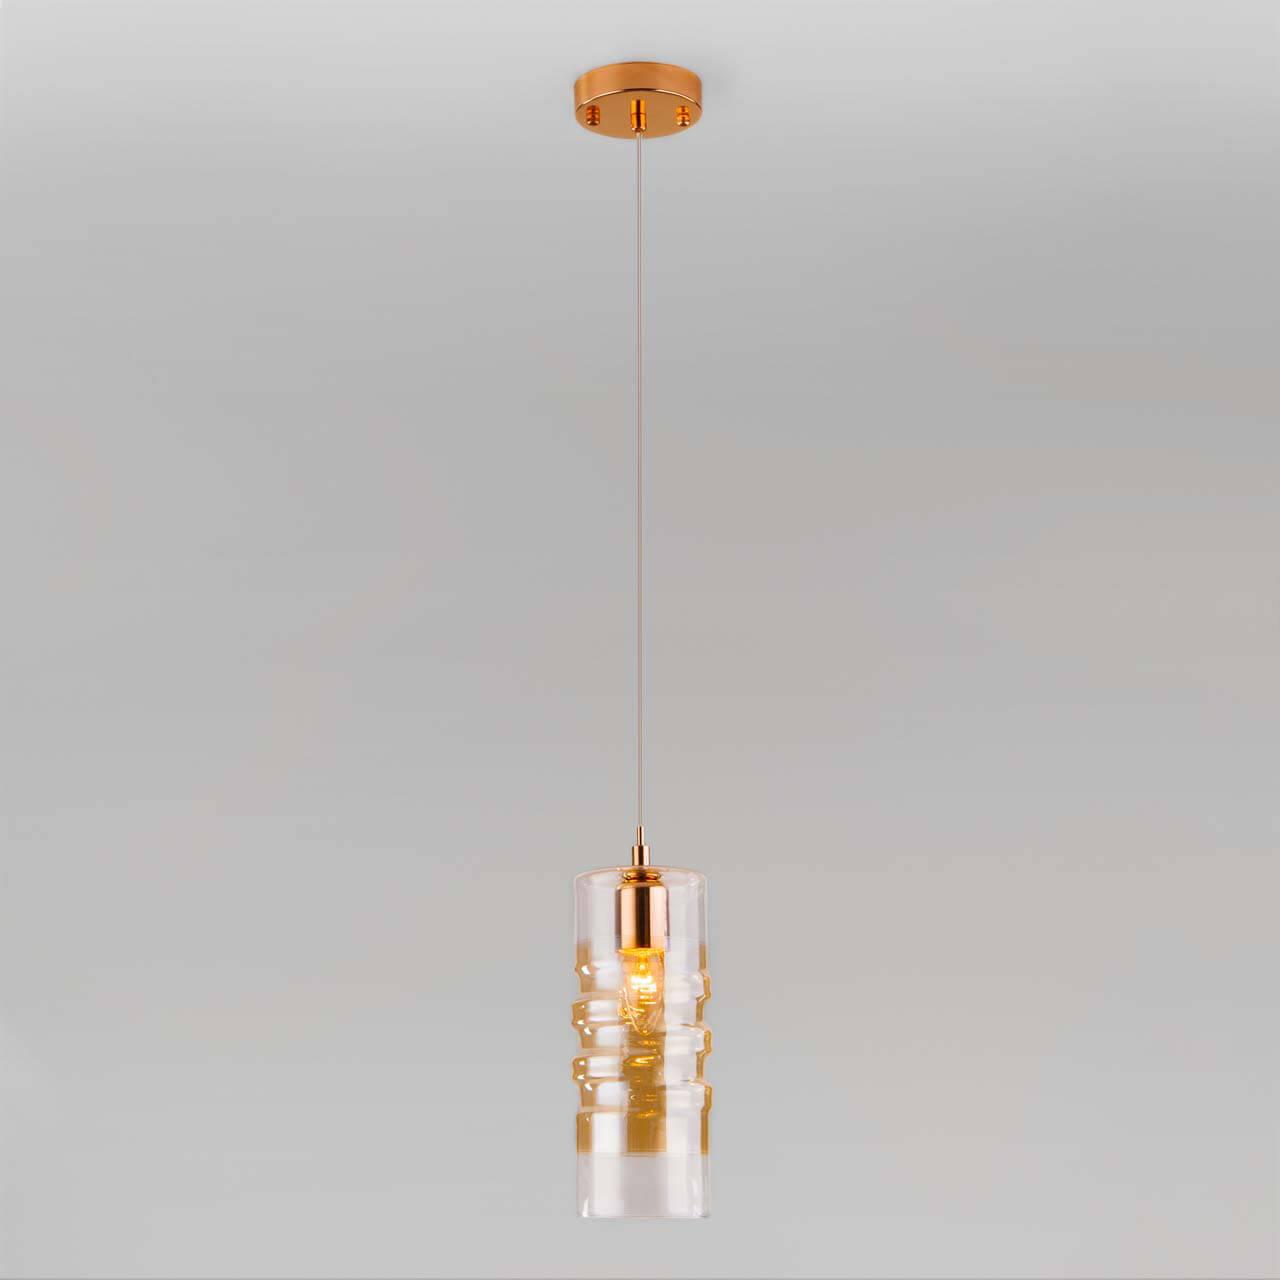 Светильник Eurosvet 50185/1 золото Block